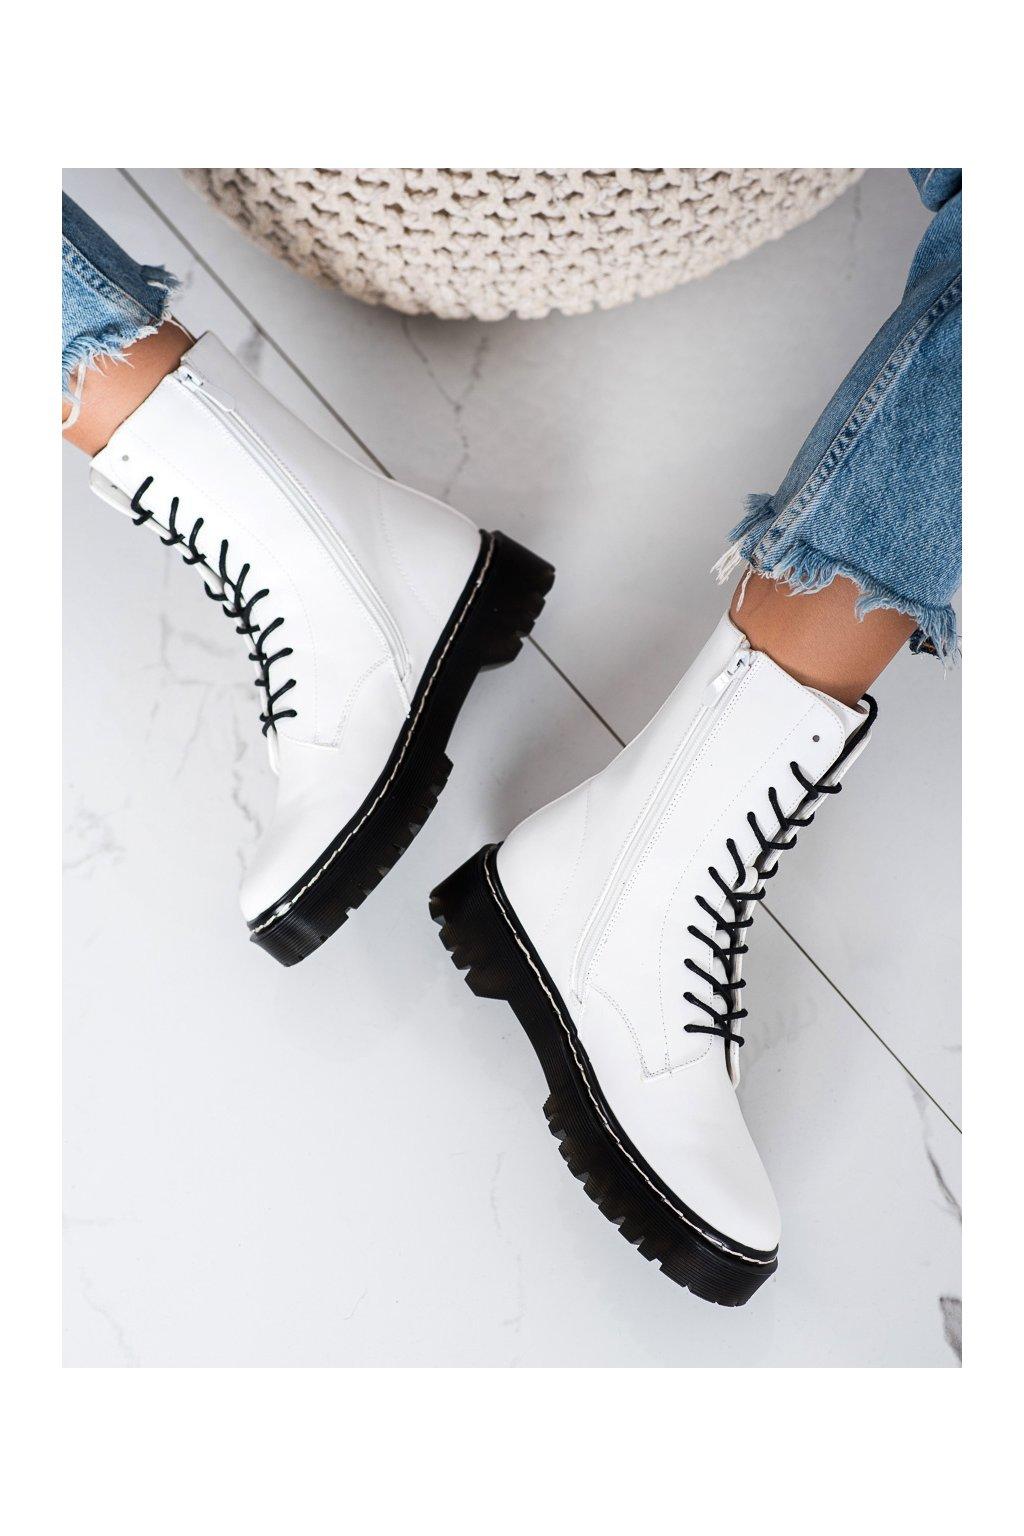 Biele dámske topánky S. barski kod 201-67W